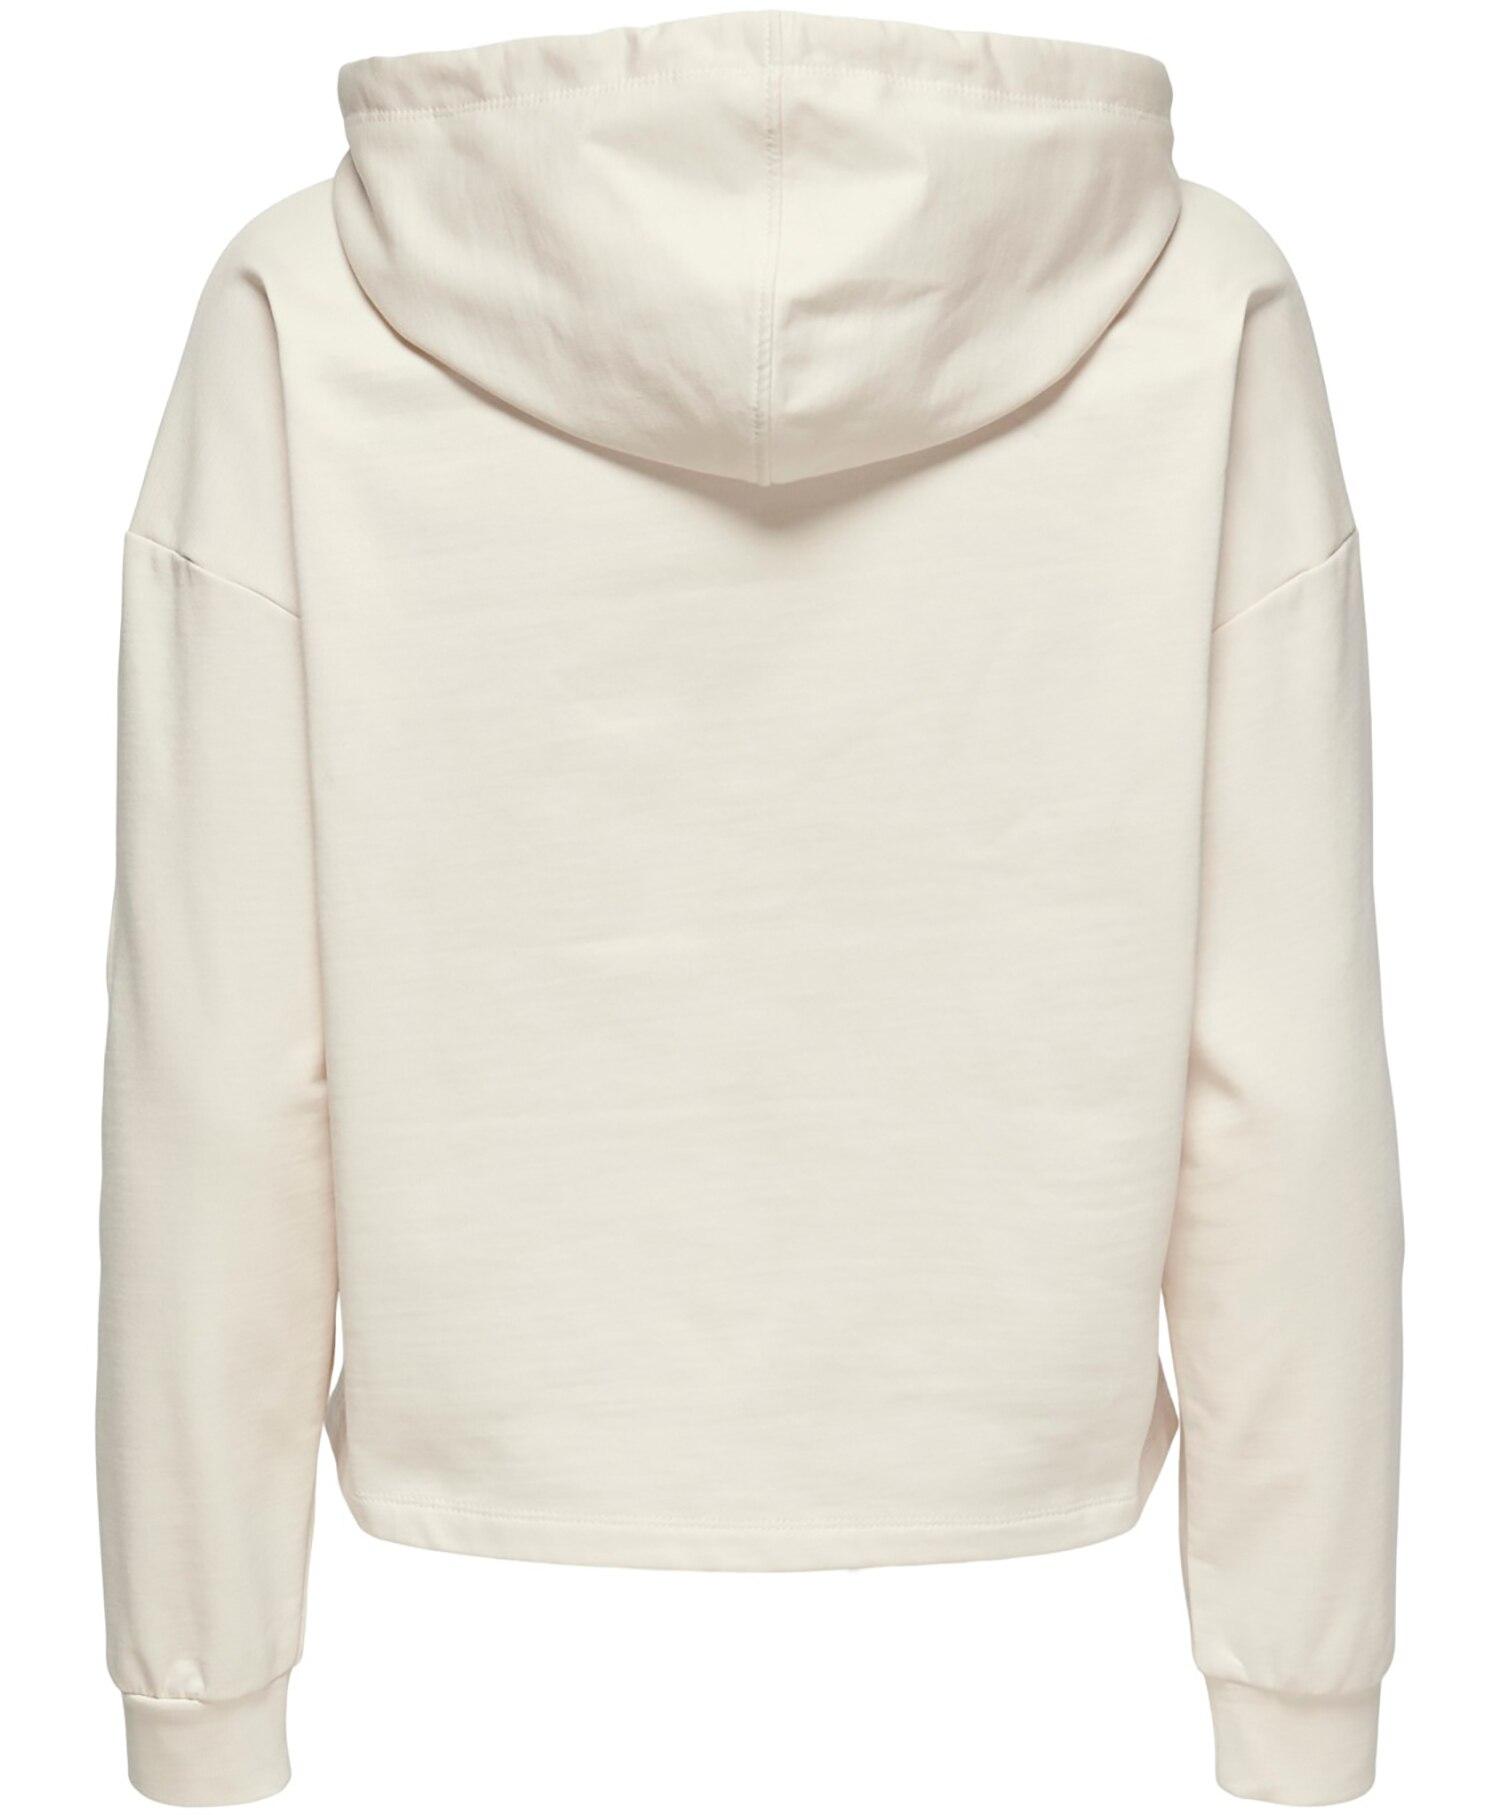 Only Dreamer hood